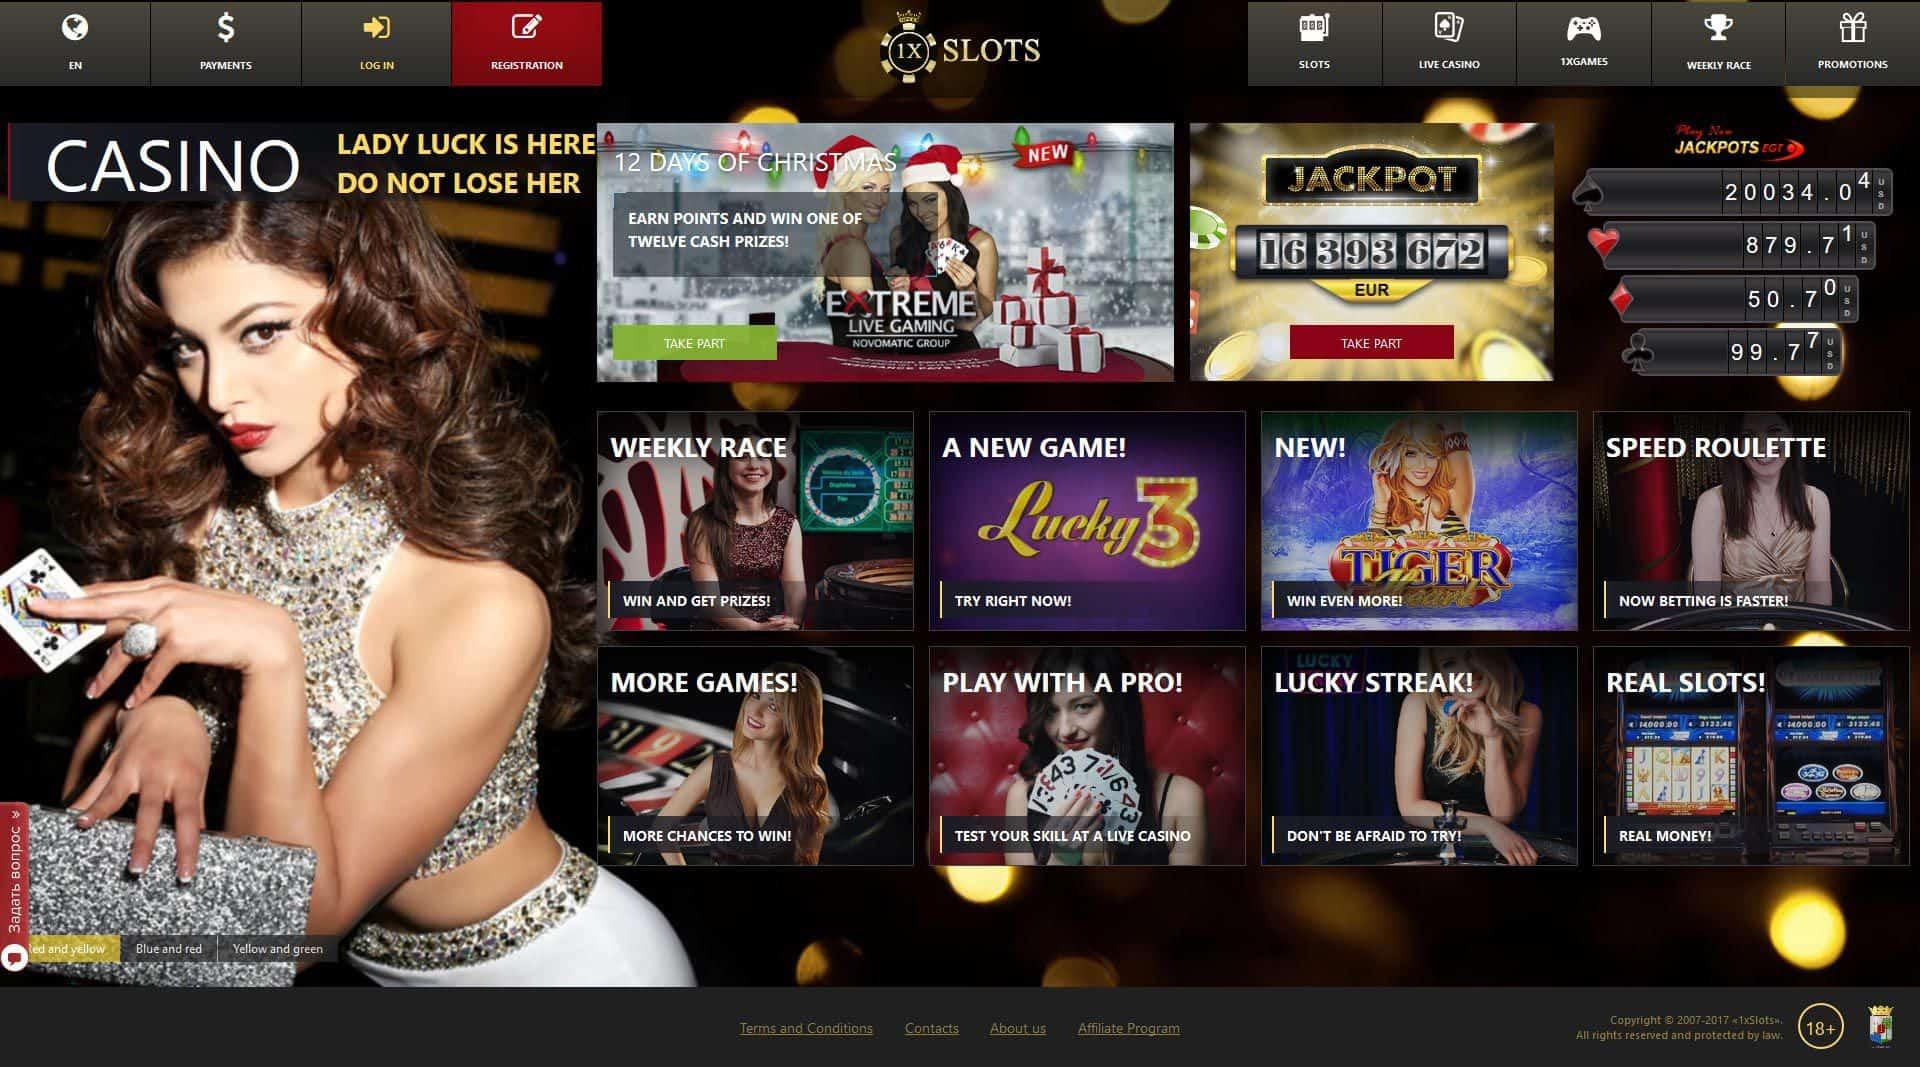 1xSlots.com Casino Review & Bonuses